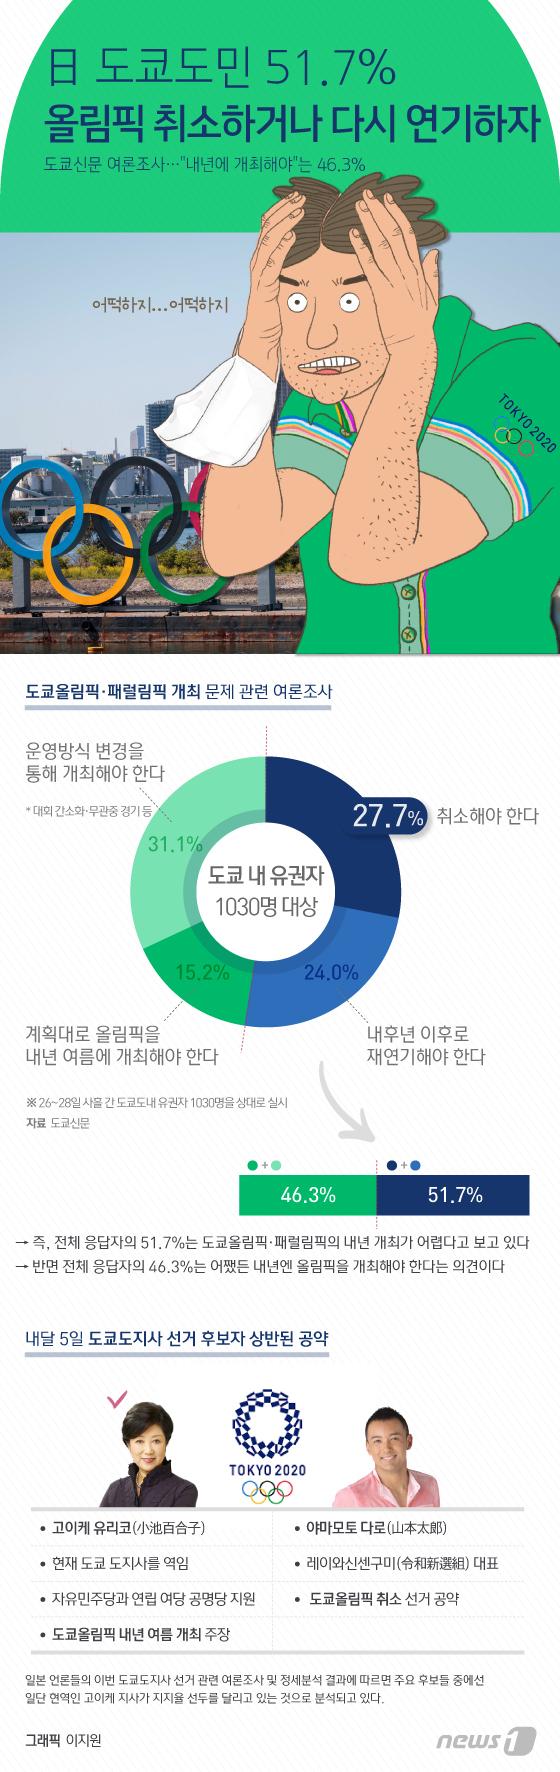 [그래픽뉴스] 日 도쿄도민 51.7% 올림픽 취소하거나 다시 연기하자